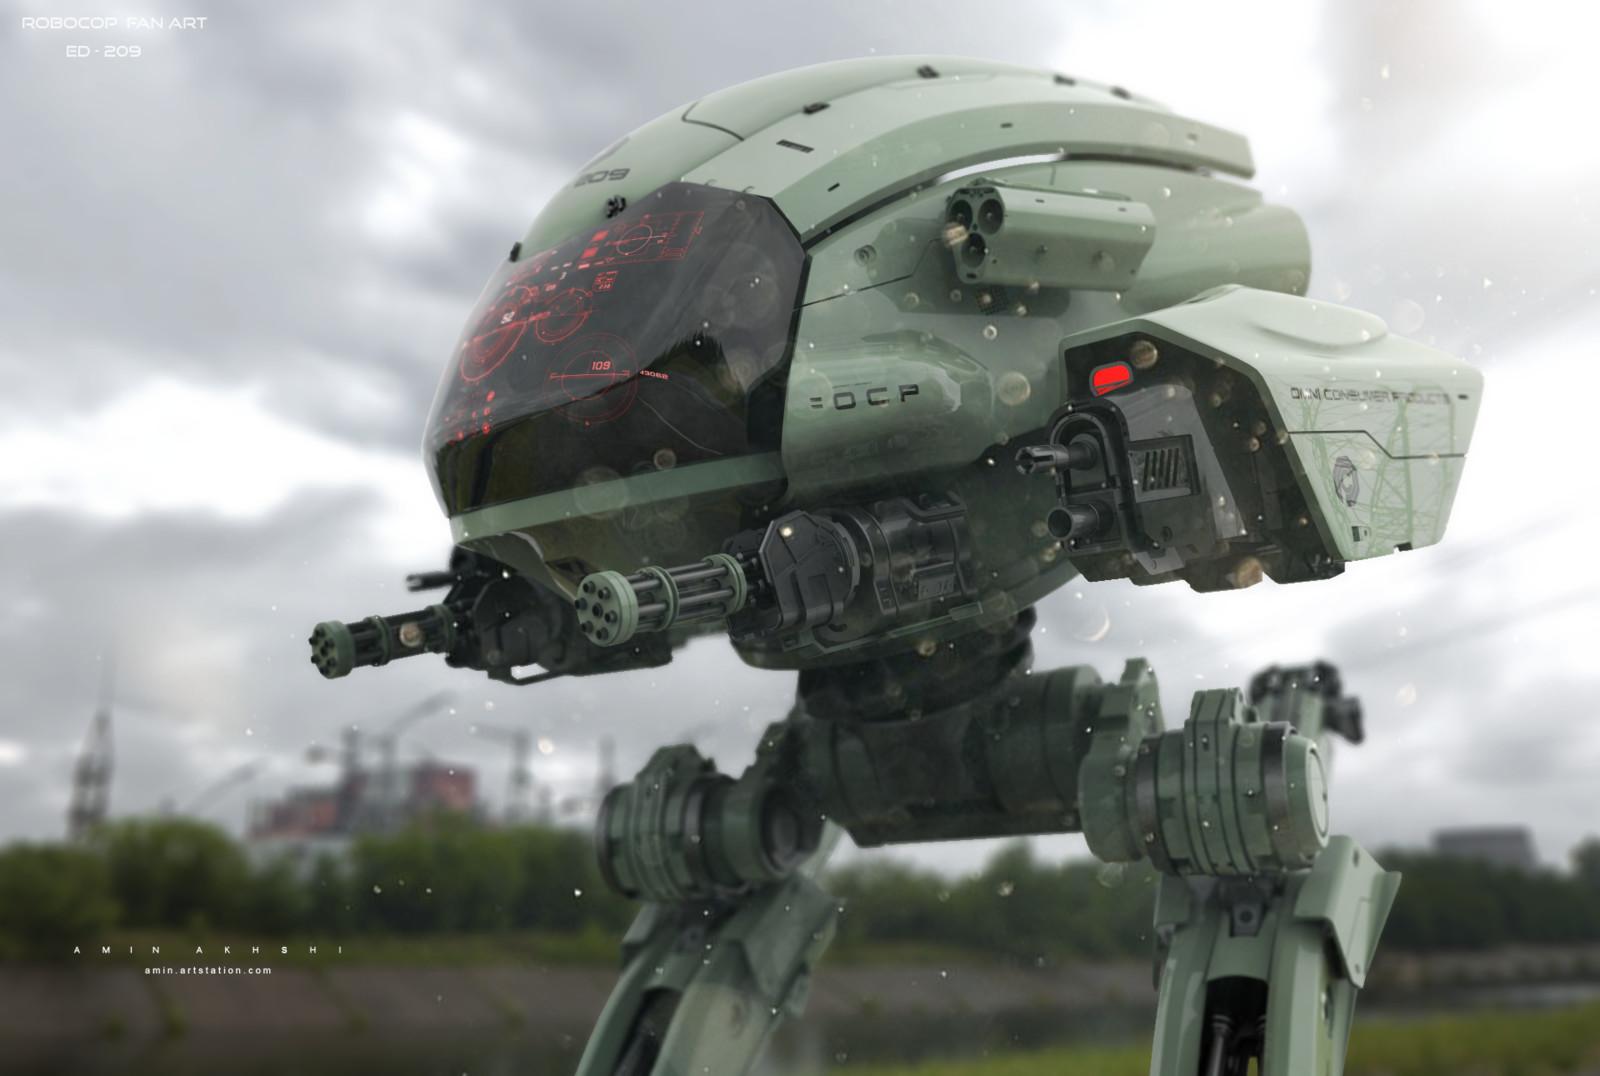 Robocop fan art - ED-209